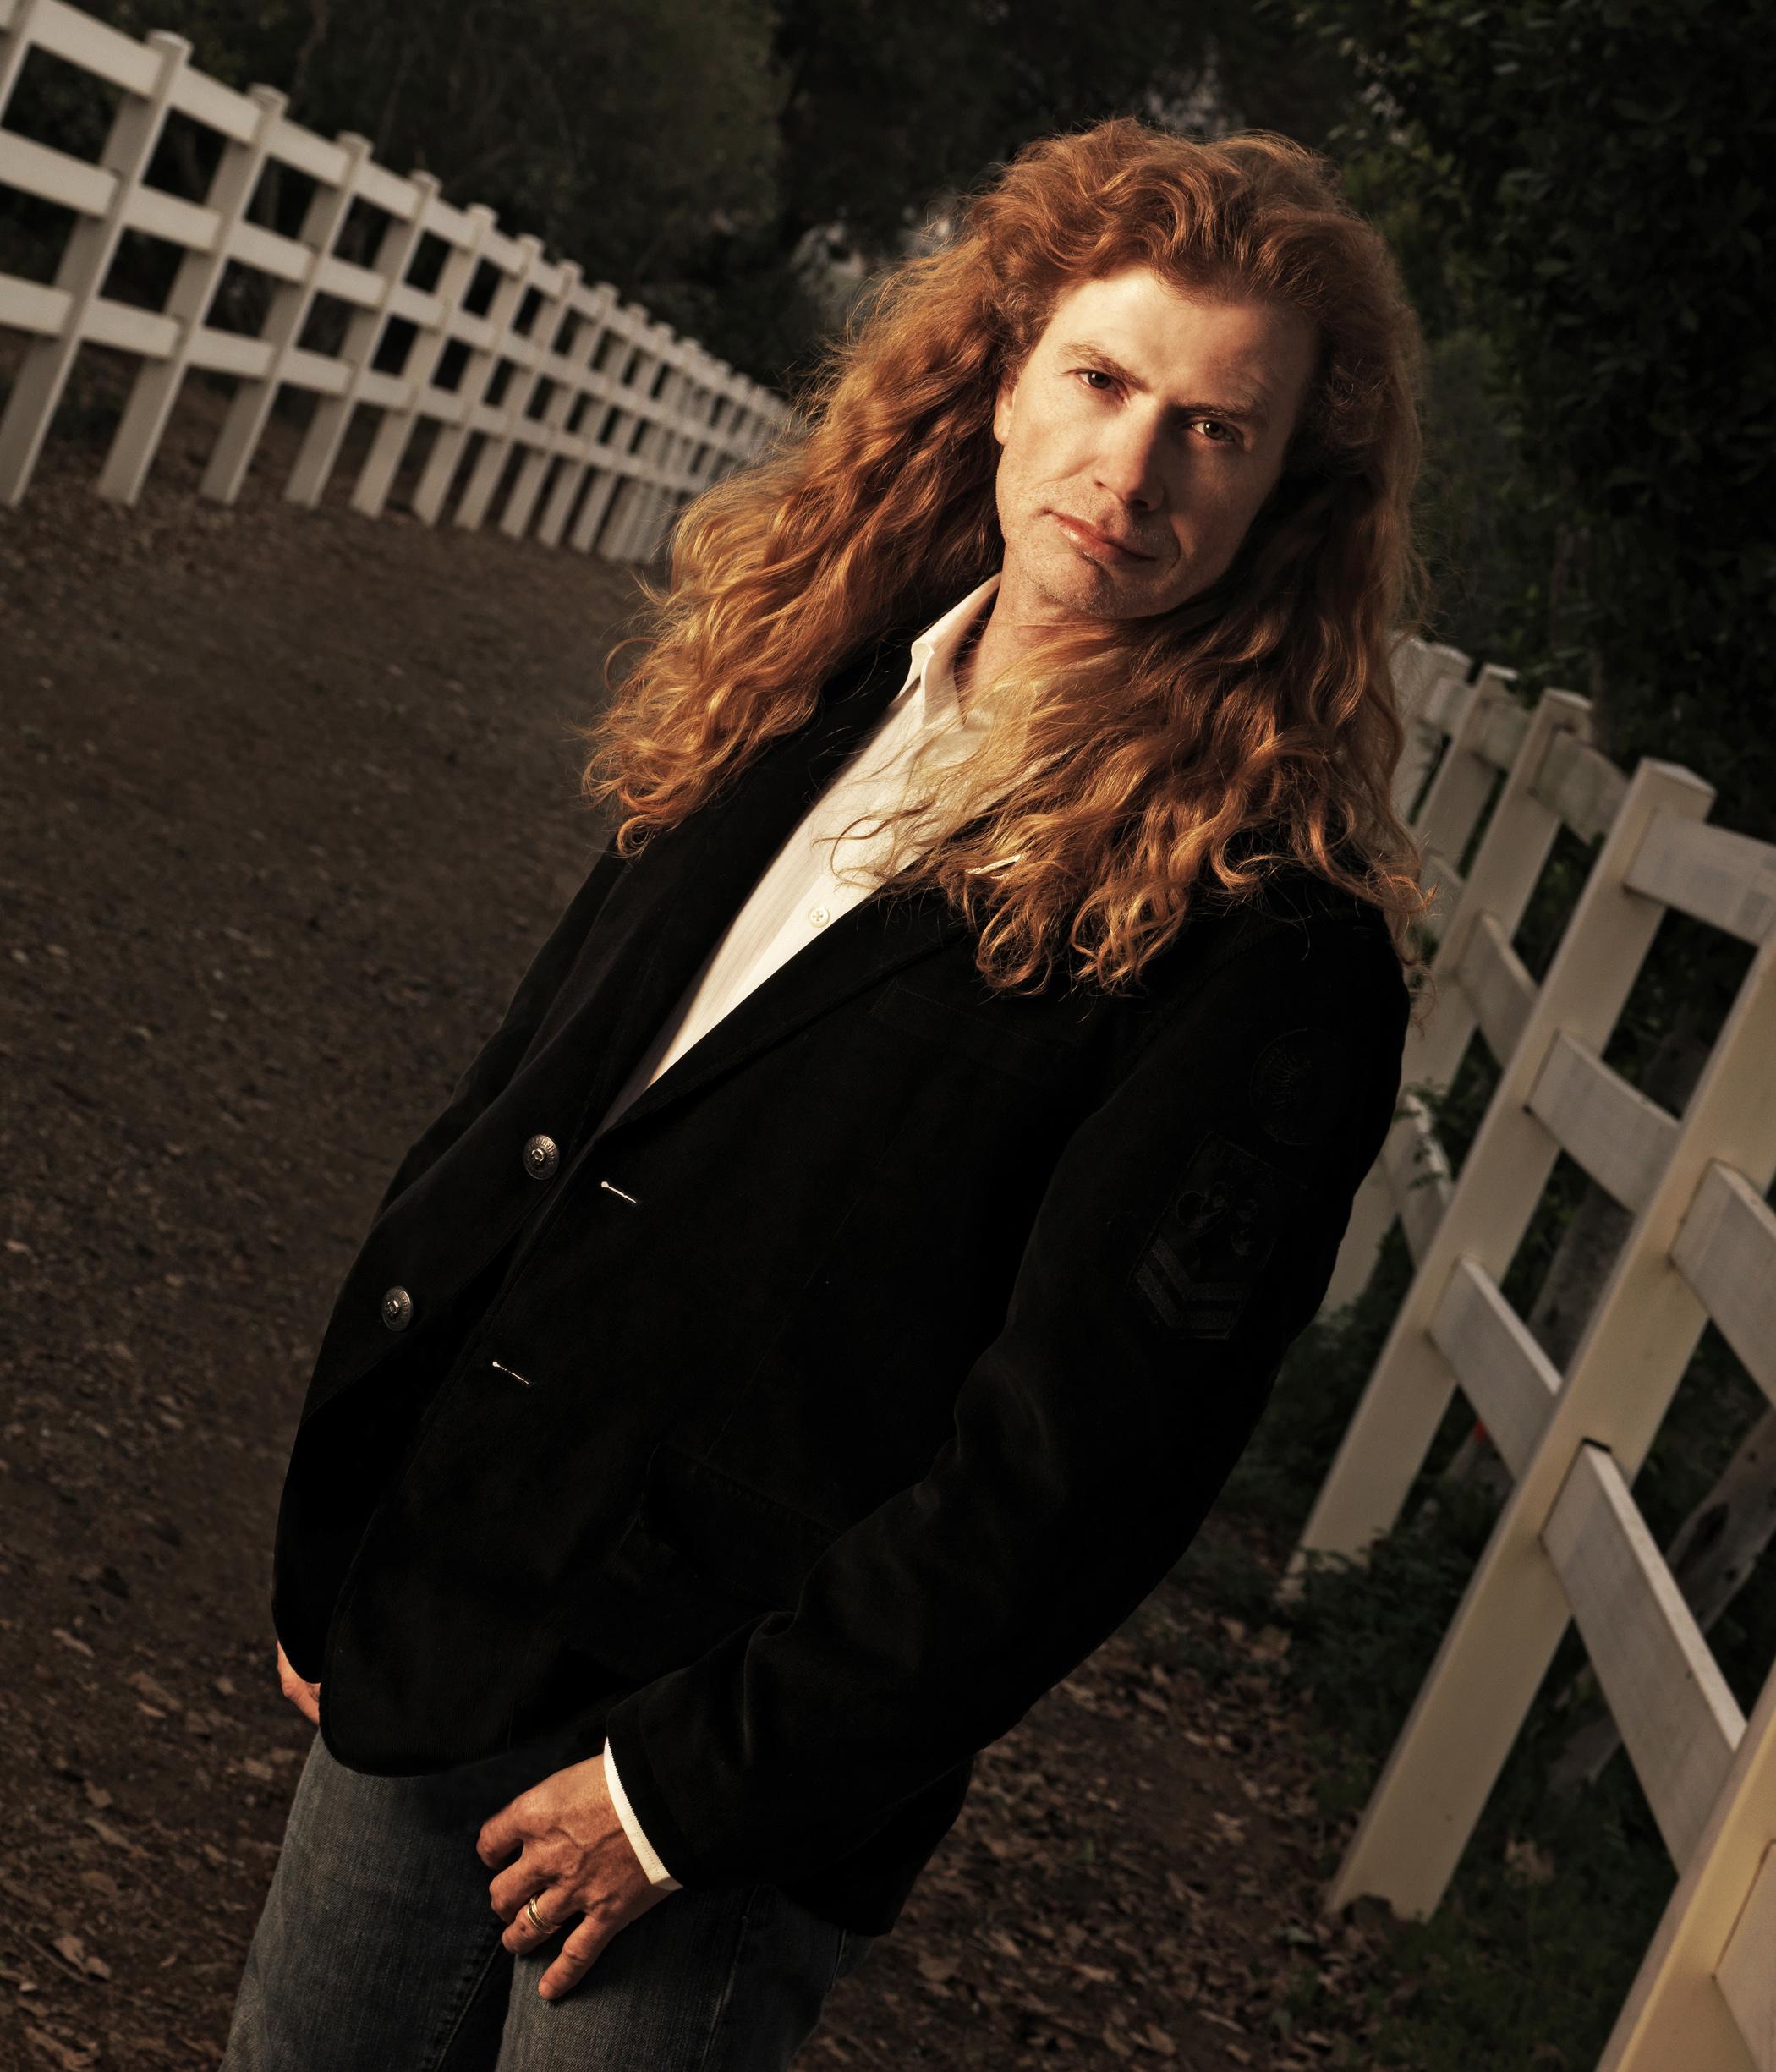 Dave Mustaine 383.jpg